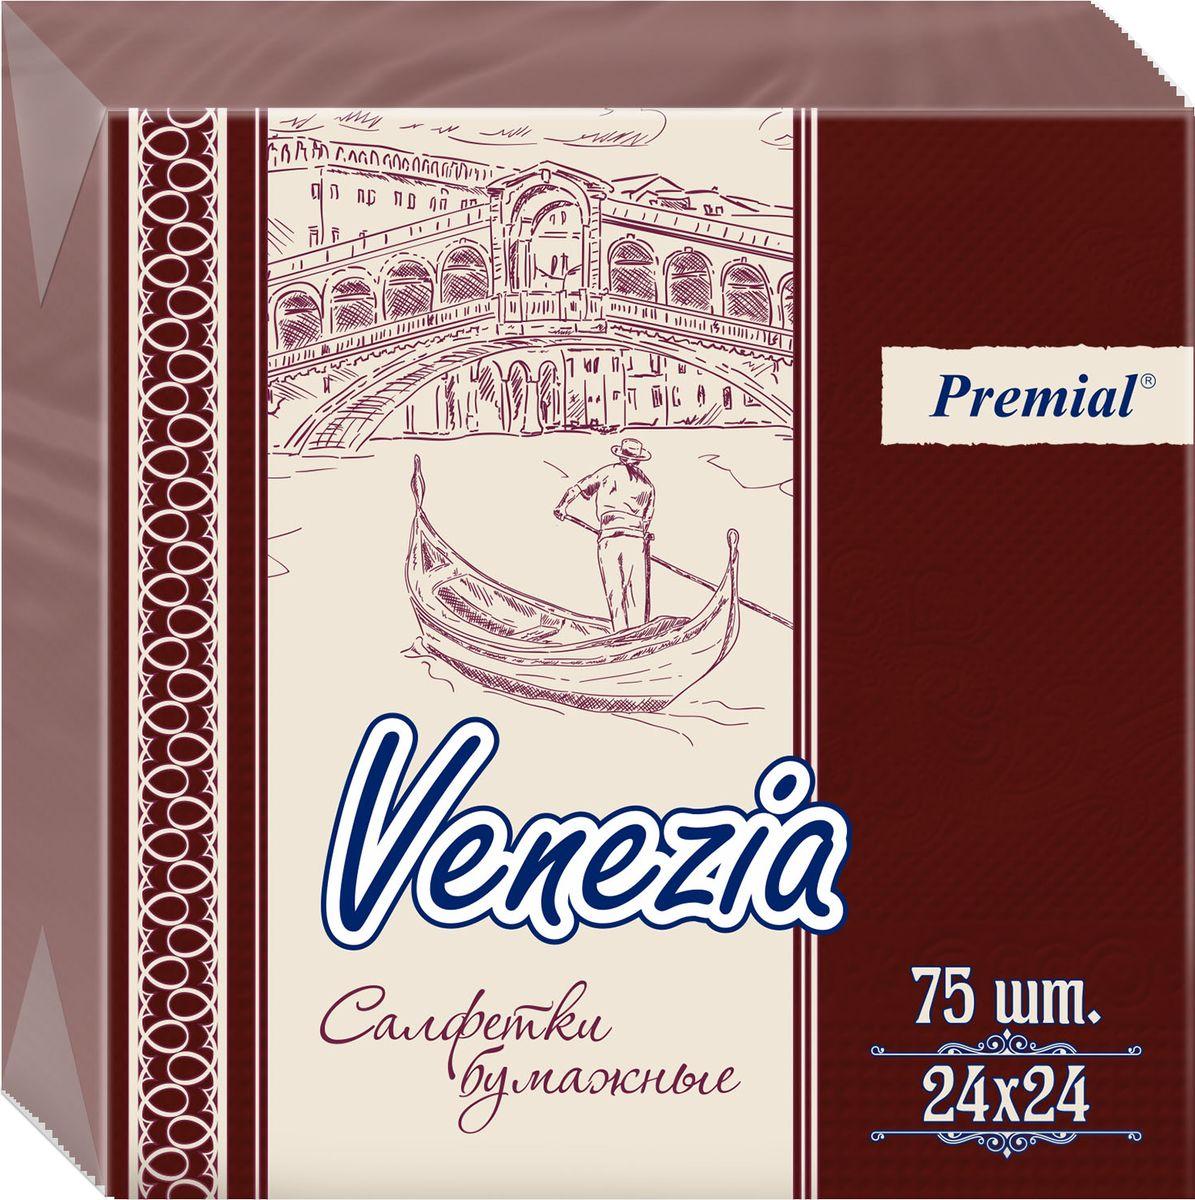 Premial Venezia Салфетки декоративные однослойные цветные, 75 шт0910-2138Основными преимуществами декоративных бумажных салфеток Venezia марки PREMIAL являются:- Высокое качество. Благодаря новейшим разработкам салфетки обладают хорошей впитываемостью и прочностью- Салфетки имеют оригинальную тисненную текстуру, которая придает им особую мягкость и дополнительную привлекательность- Широкий ассортиментный ряд.- Яркий и стильный дизайн упаковки, привлекающий взгляд